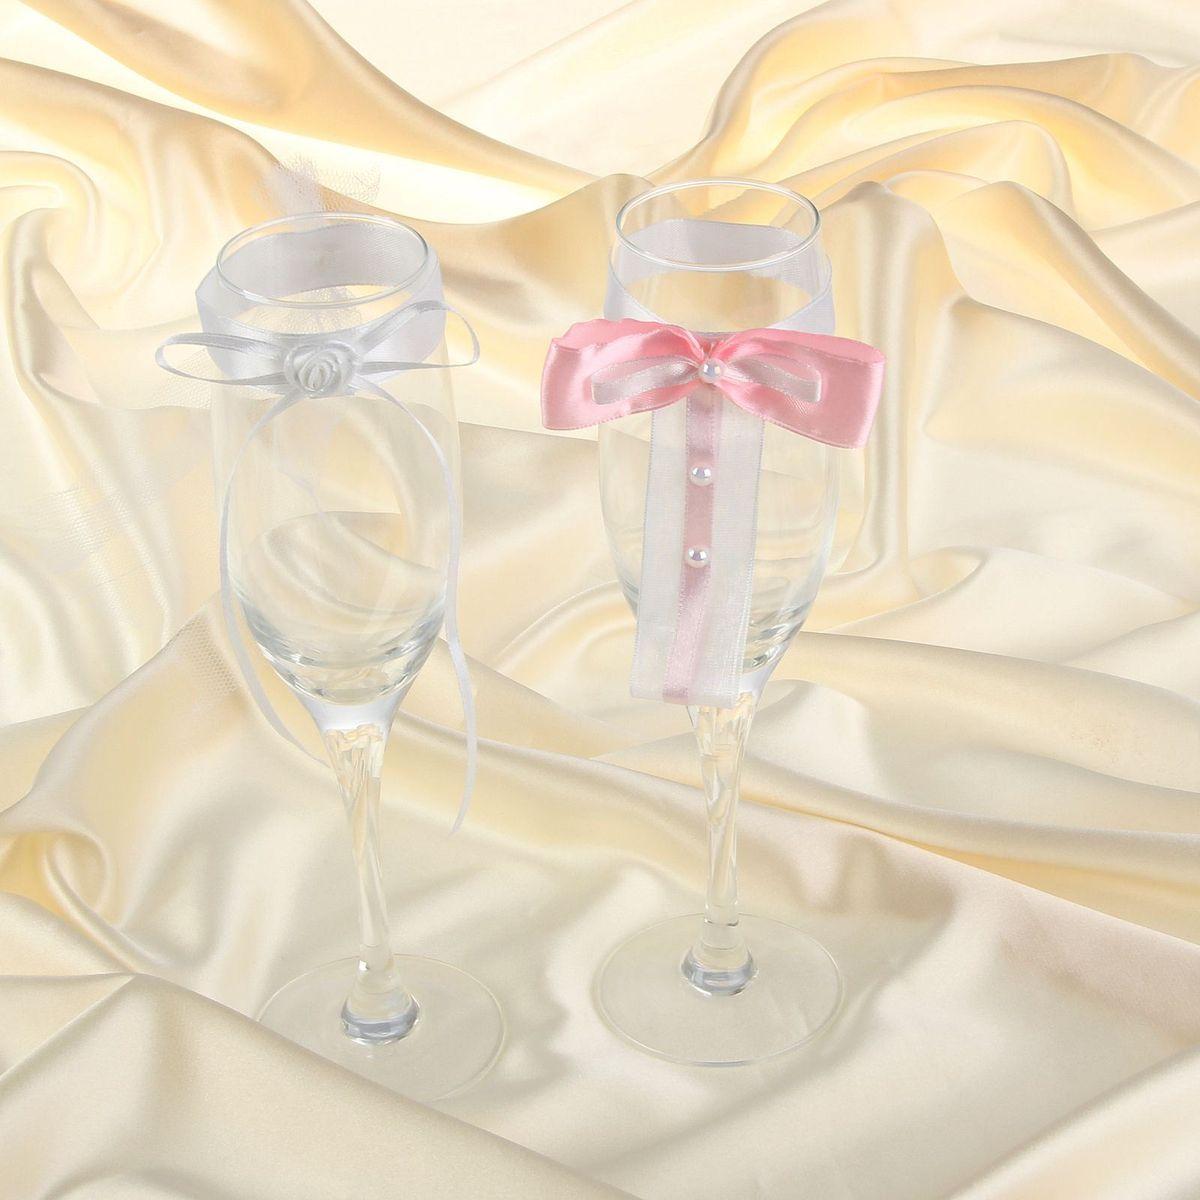 Комплект декора на бокалы Sima-land, цвет: белый, розовый. 833982833982Красиво оформленный свадебный стол — это эффектное, неординарное и очень значимое обрамление для проведения запланированного вами торжества.Украшение для бокалов в белом и розовом оформлении - это красивое и оригинальное украшение зала, которое дополнит выбранный стиль мероприятия и передаст праздничное настроение вам и вашим гостям.